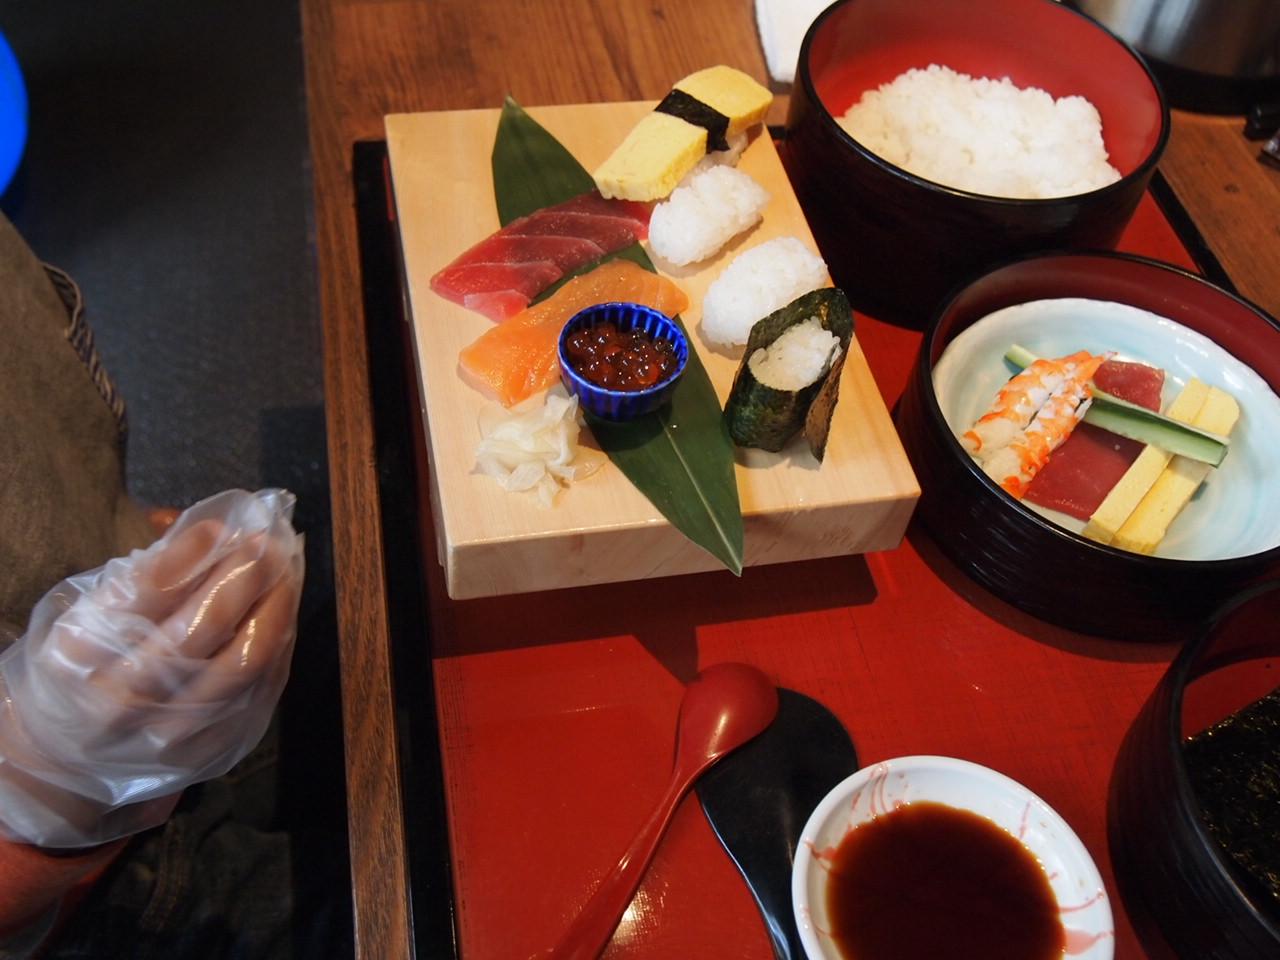 音羽茶屋 芦屋店   海鮮料理、懐石・会席料理_d0083265_22373470.jpg